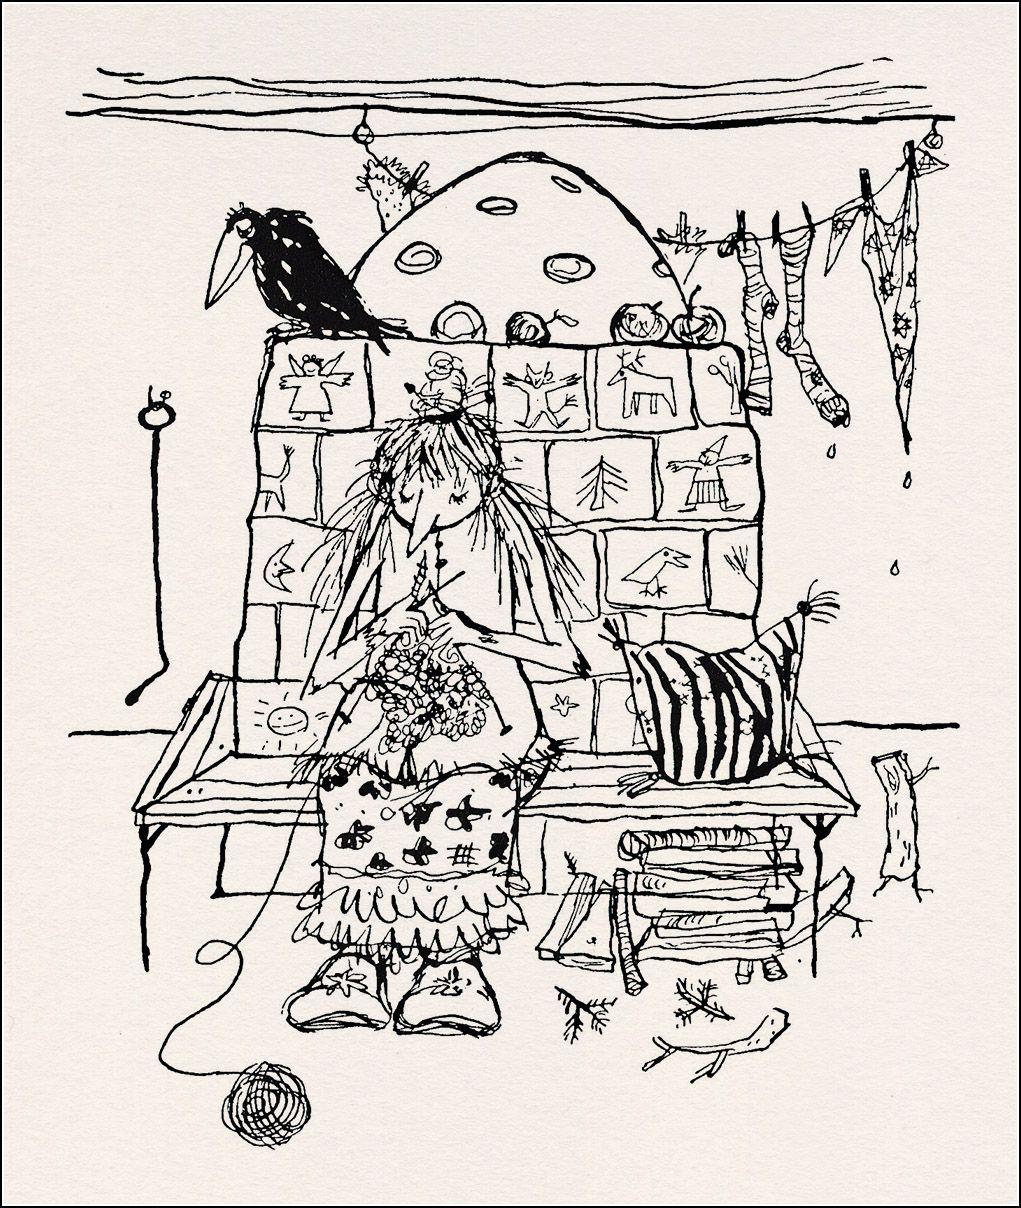 Die Kleine Hexe Ausmalbilder - kinderbilderdownload